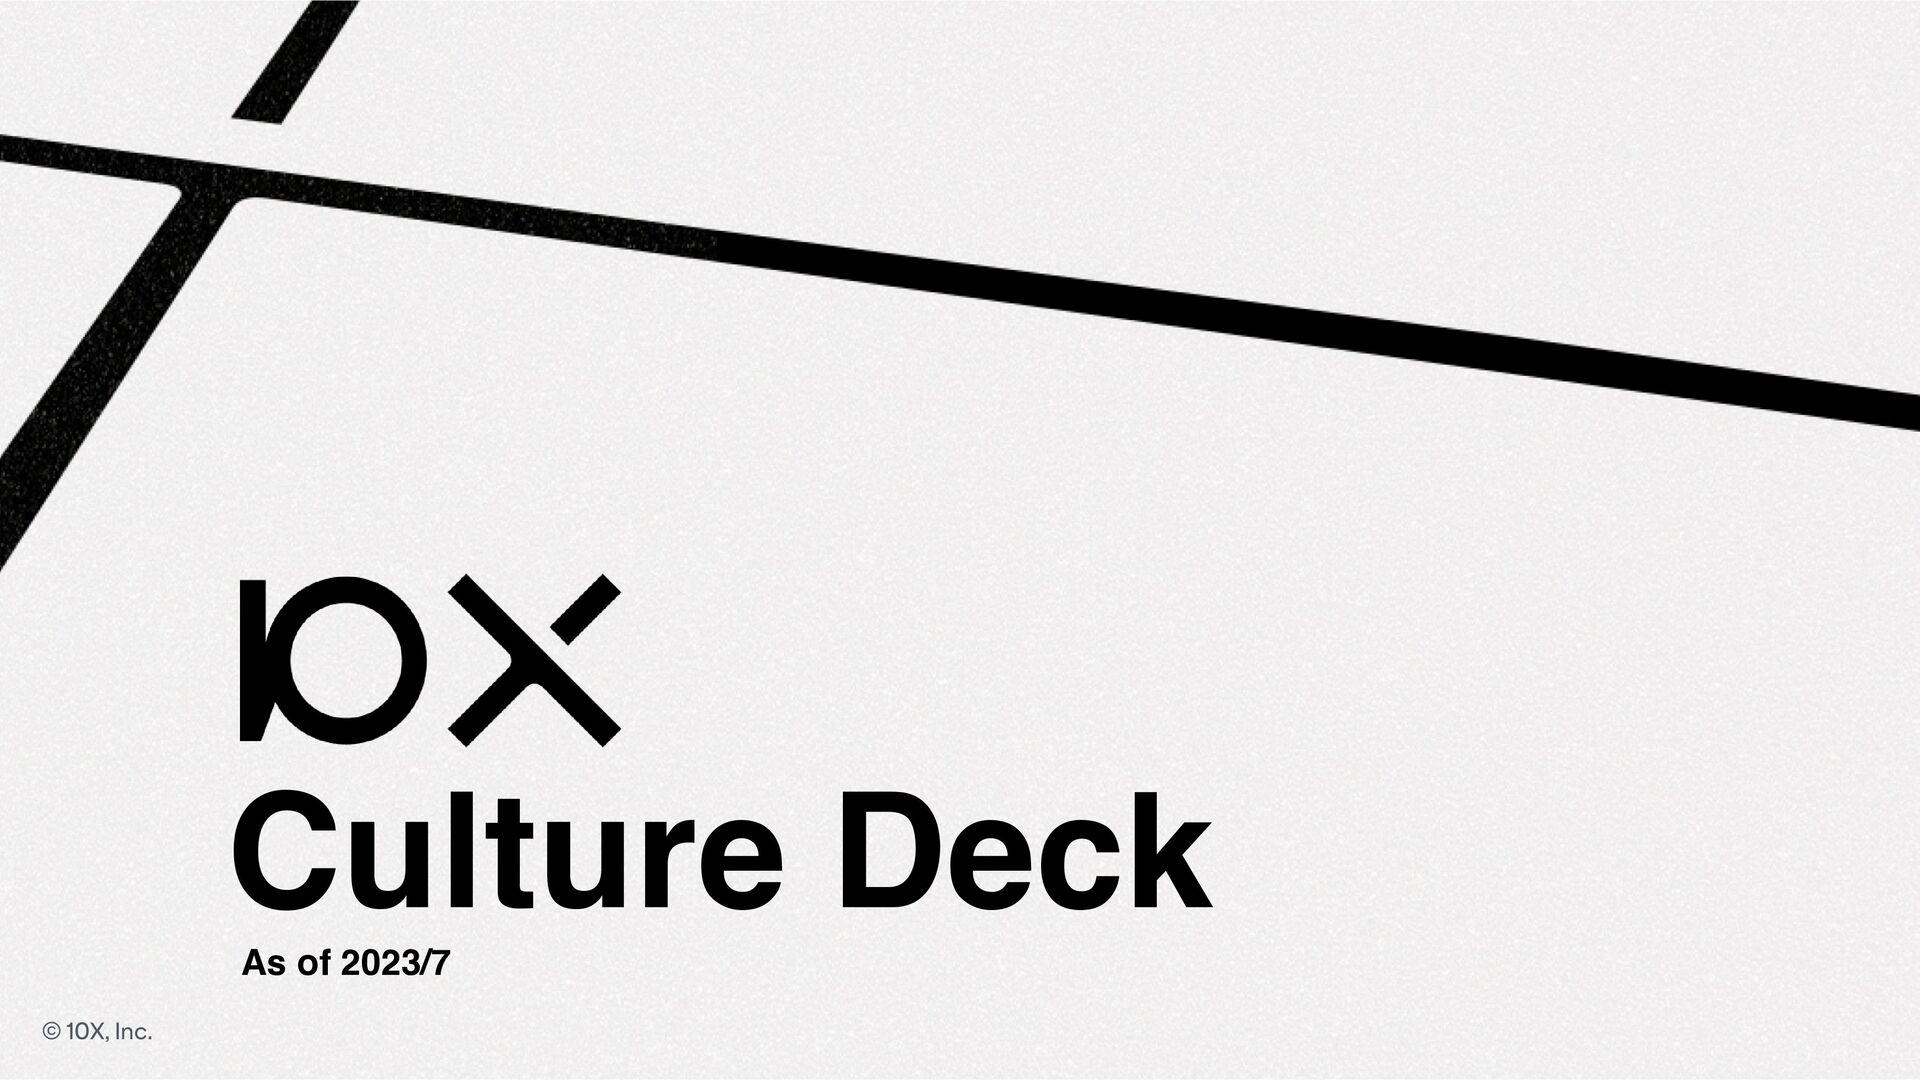 Culture Deck 10X, Inc. Update 2021/02